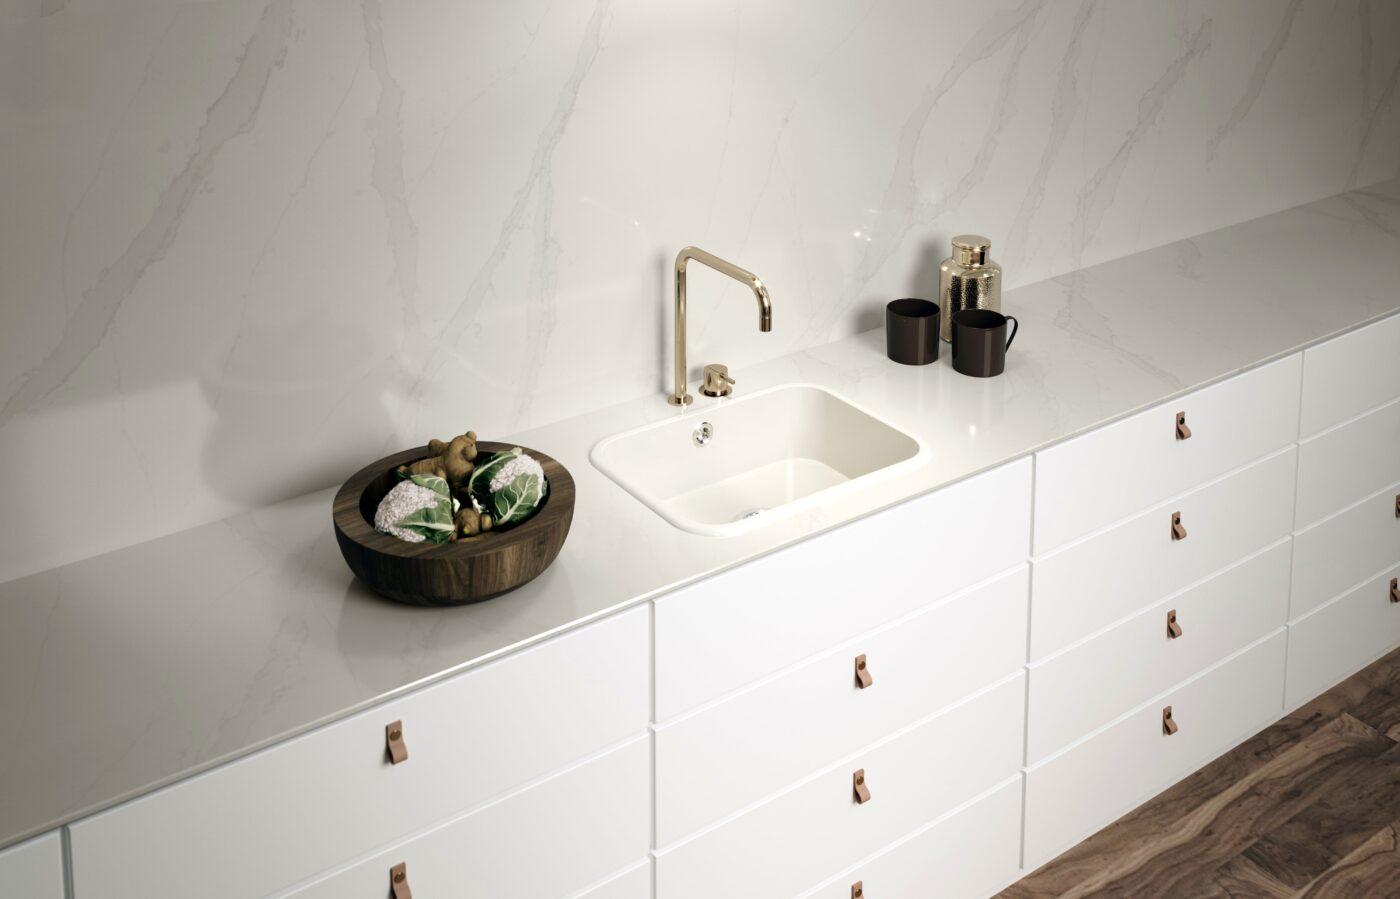 Image of Ambiente Integrity Top Blanco Zeus 1 in Fregaderos de cocina - Cosentino